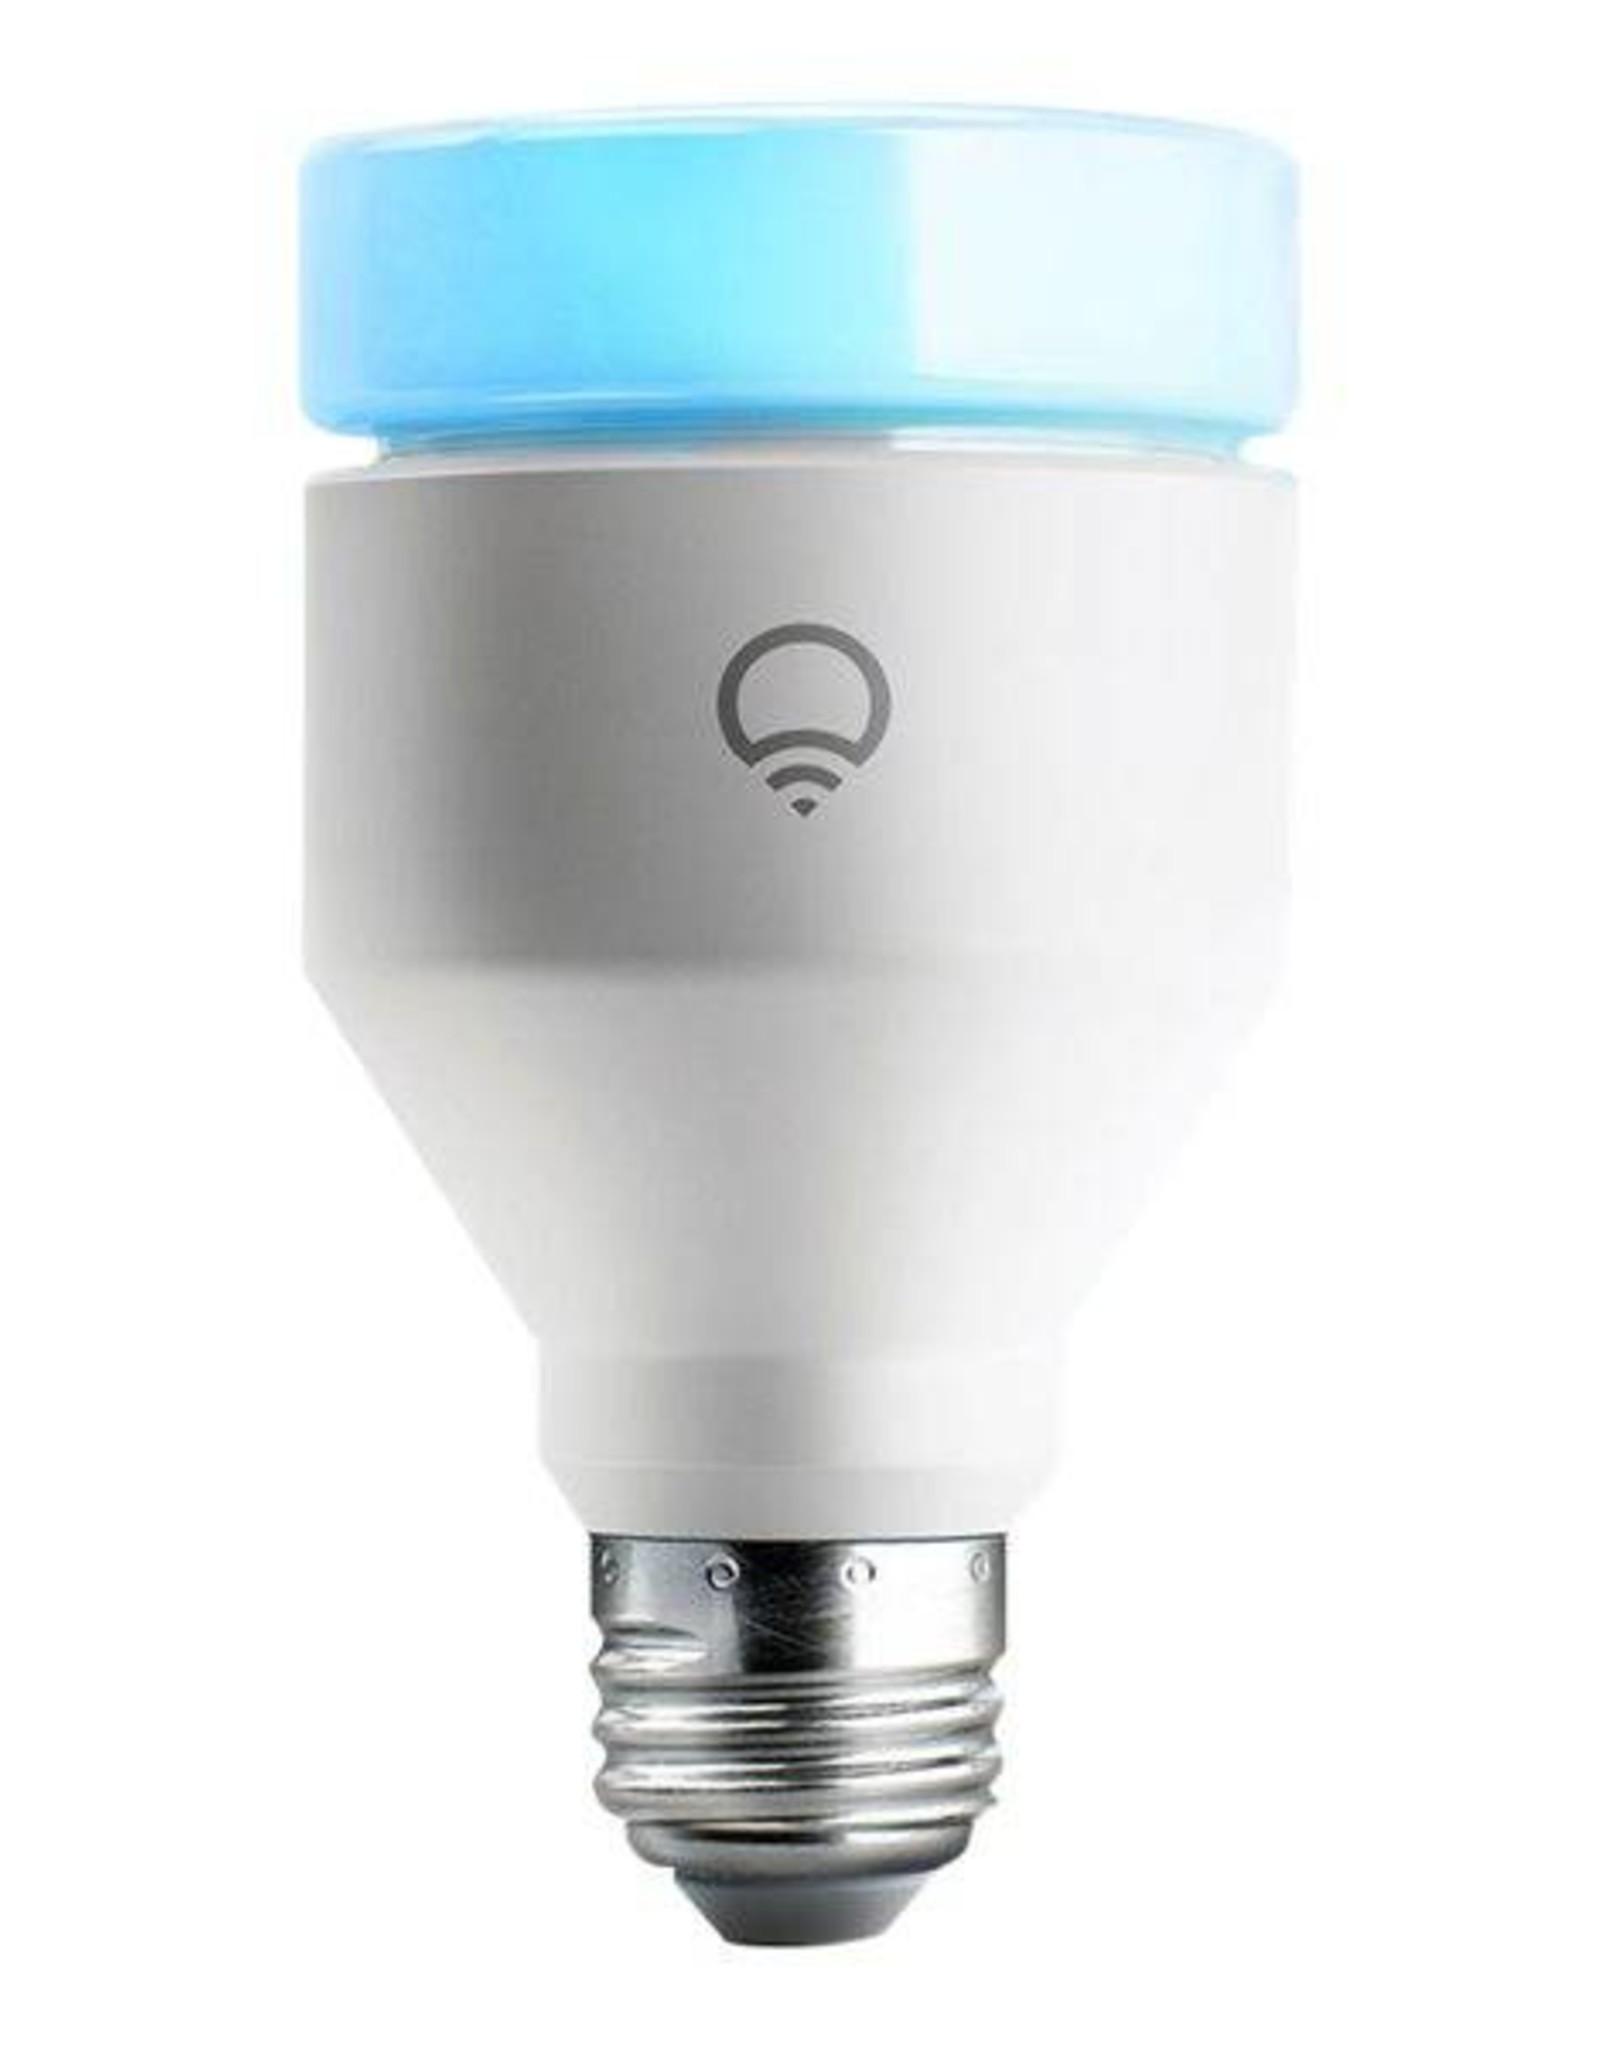 LIFX Colour & White Wi-Fi Smart LED Light Lamp